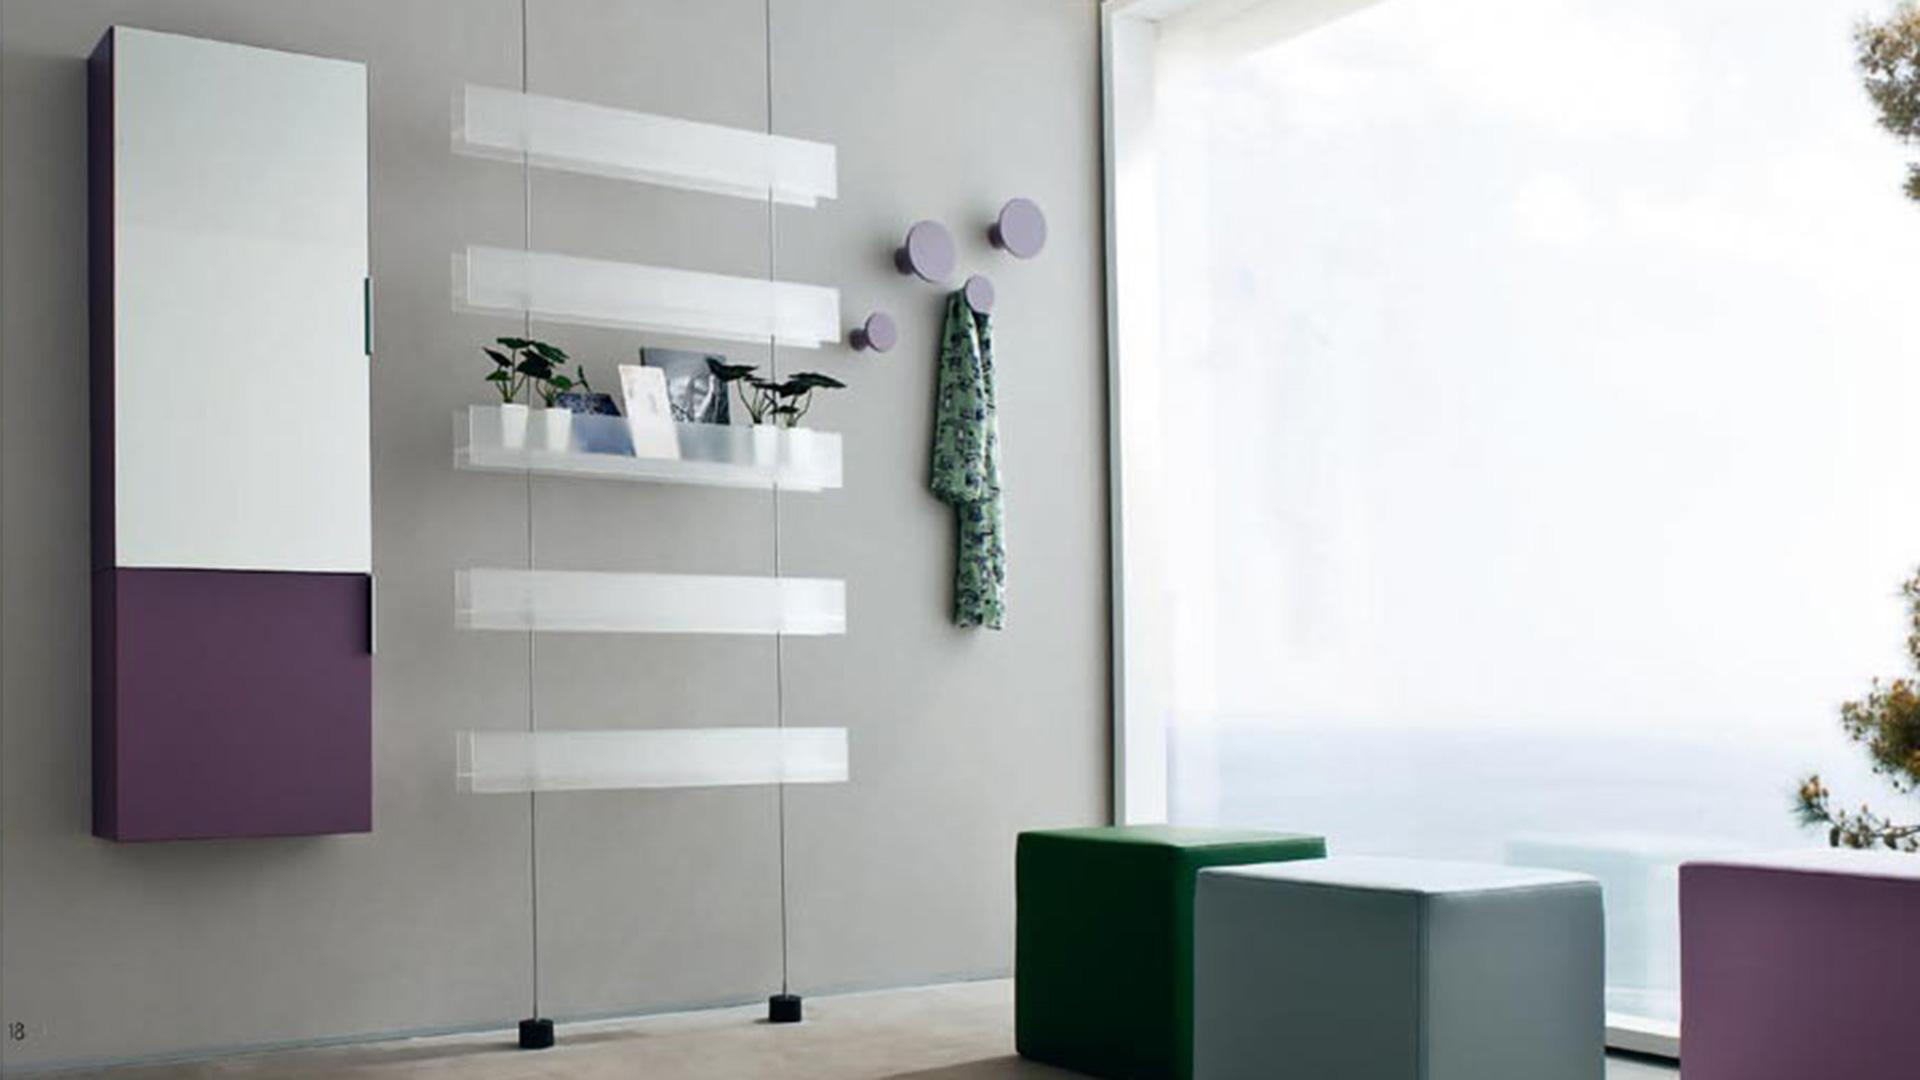 Arredamenti e idee per la casa arredamenti e forniture - Arredo per la casa ...